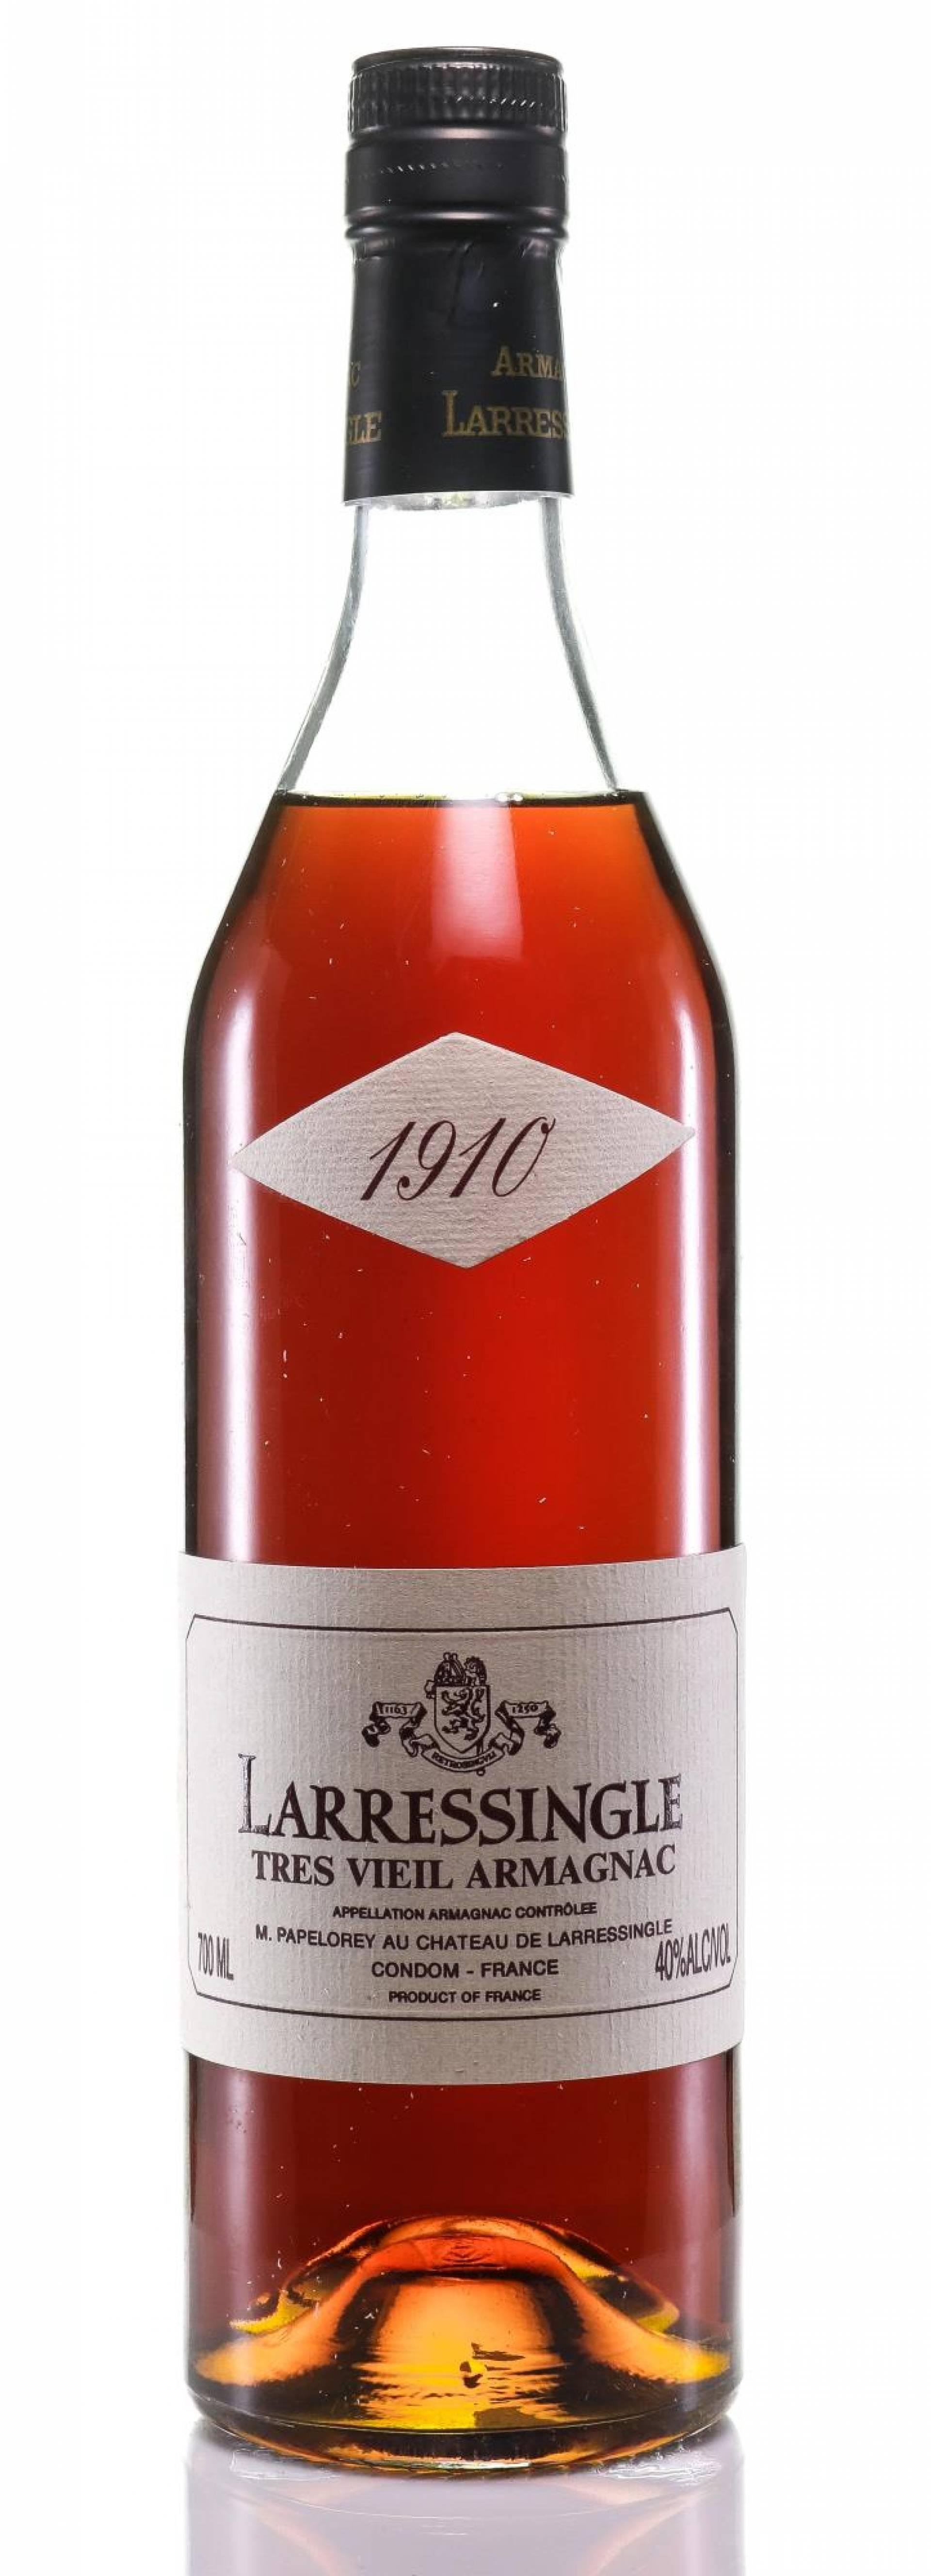 Armagnac 1910 Larressingle